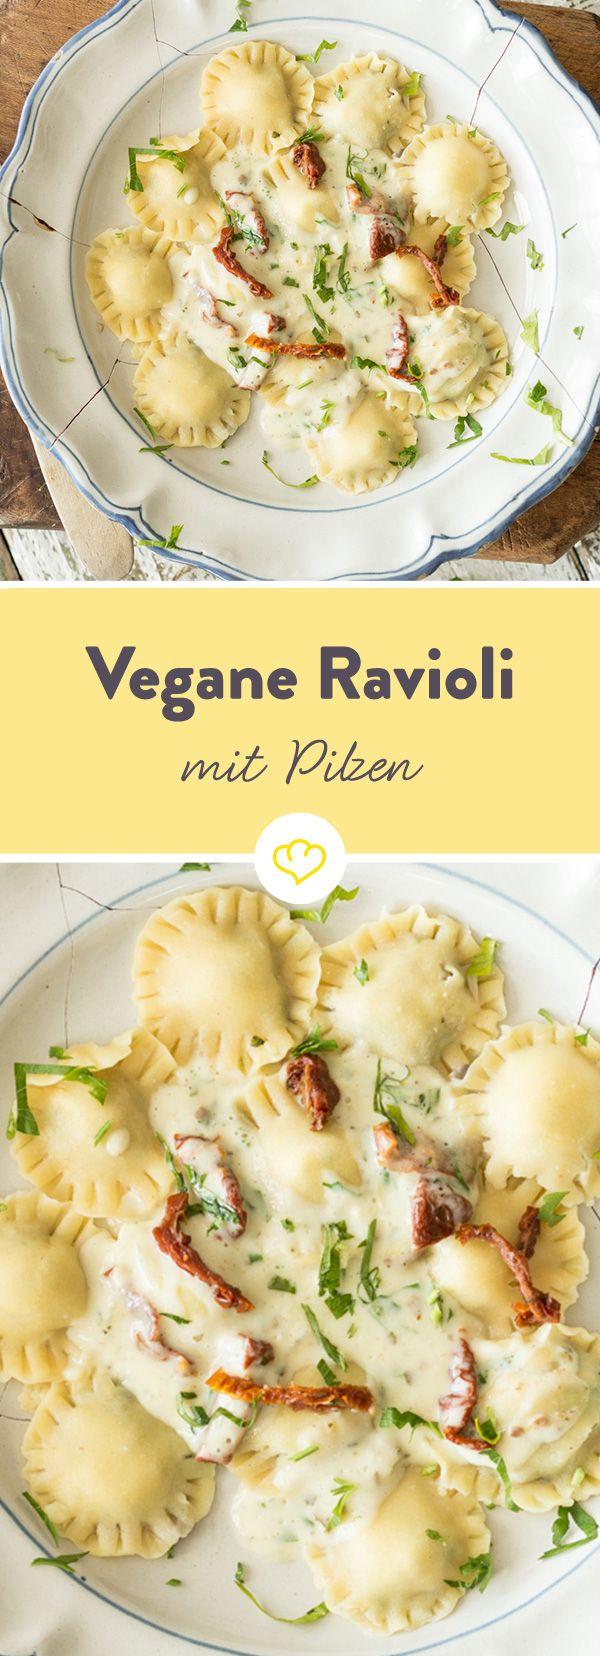 Dieses Rezept kommt ganz ohne tierische Produkte aus - und ist äußerst cremig und lecker, Kokosmilch und Cashewkerne sei Dank.